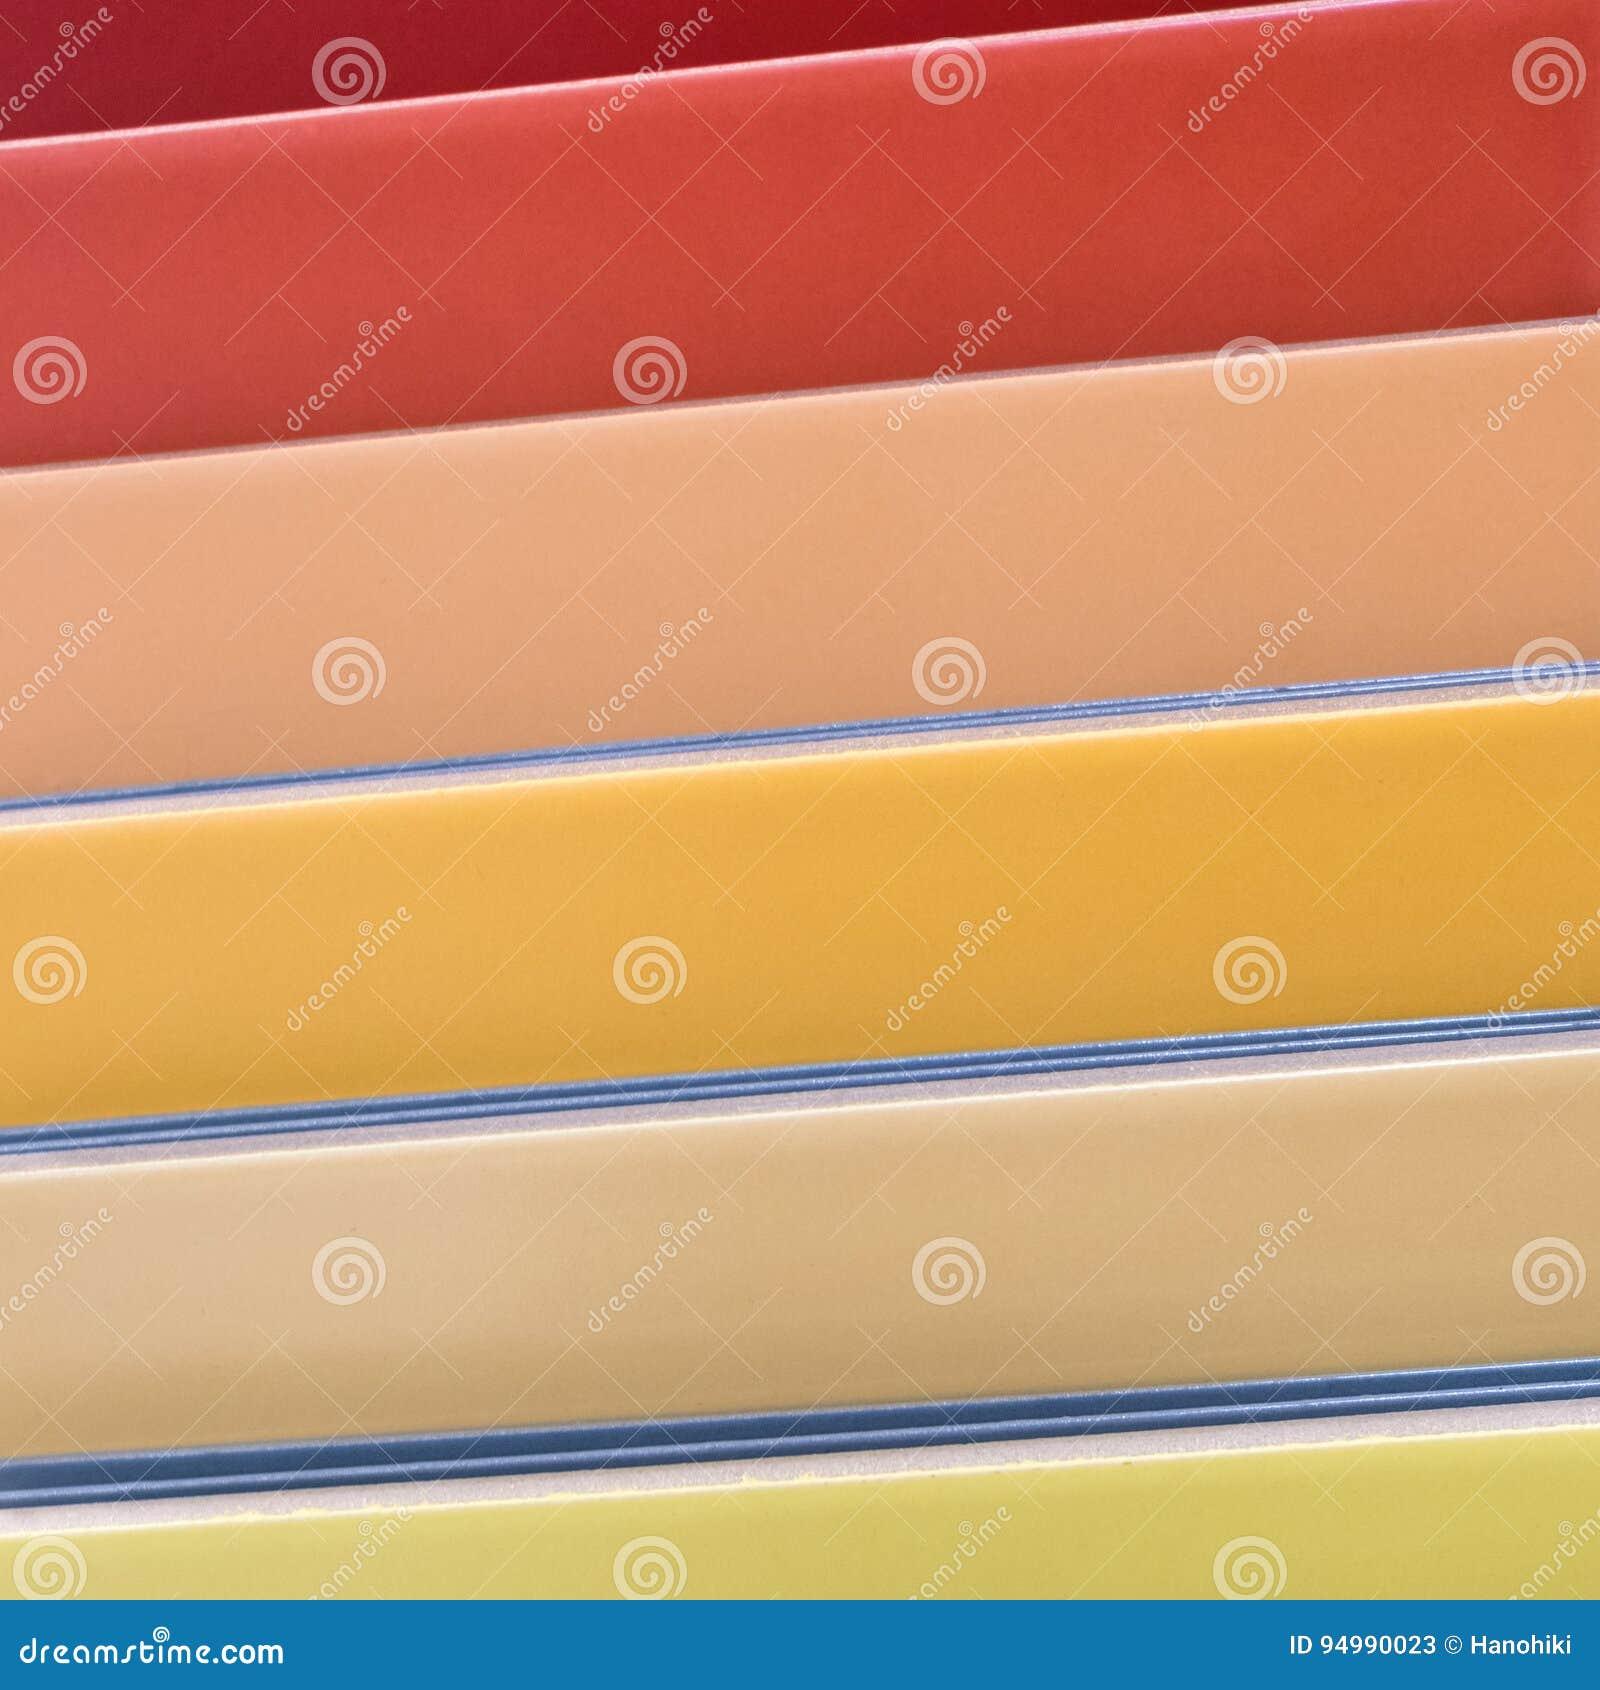 Carreaux de céramique colorés - variation de différentes tuiles colorées